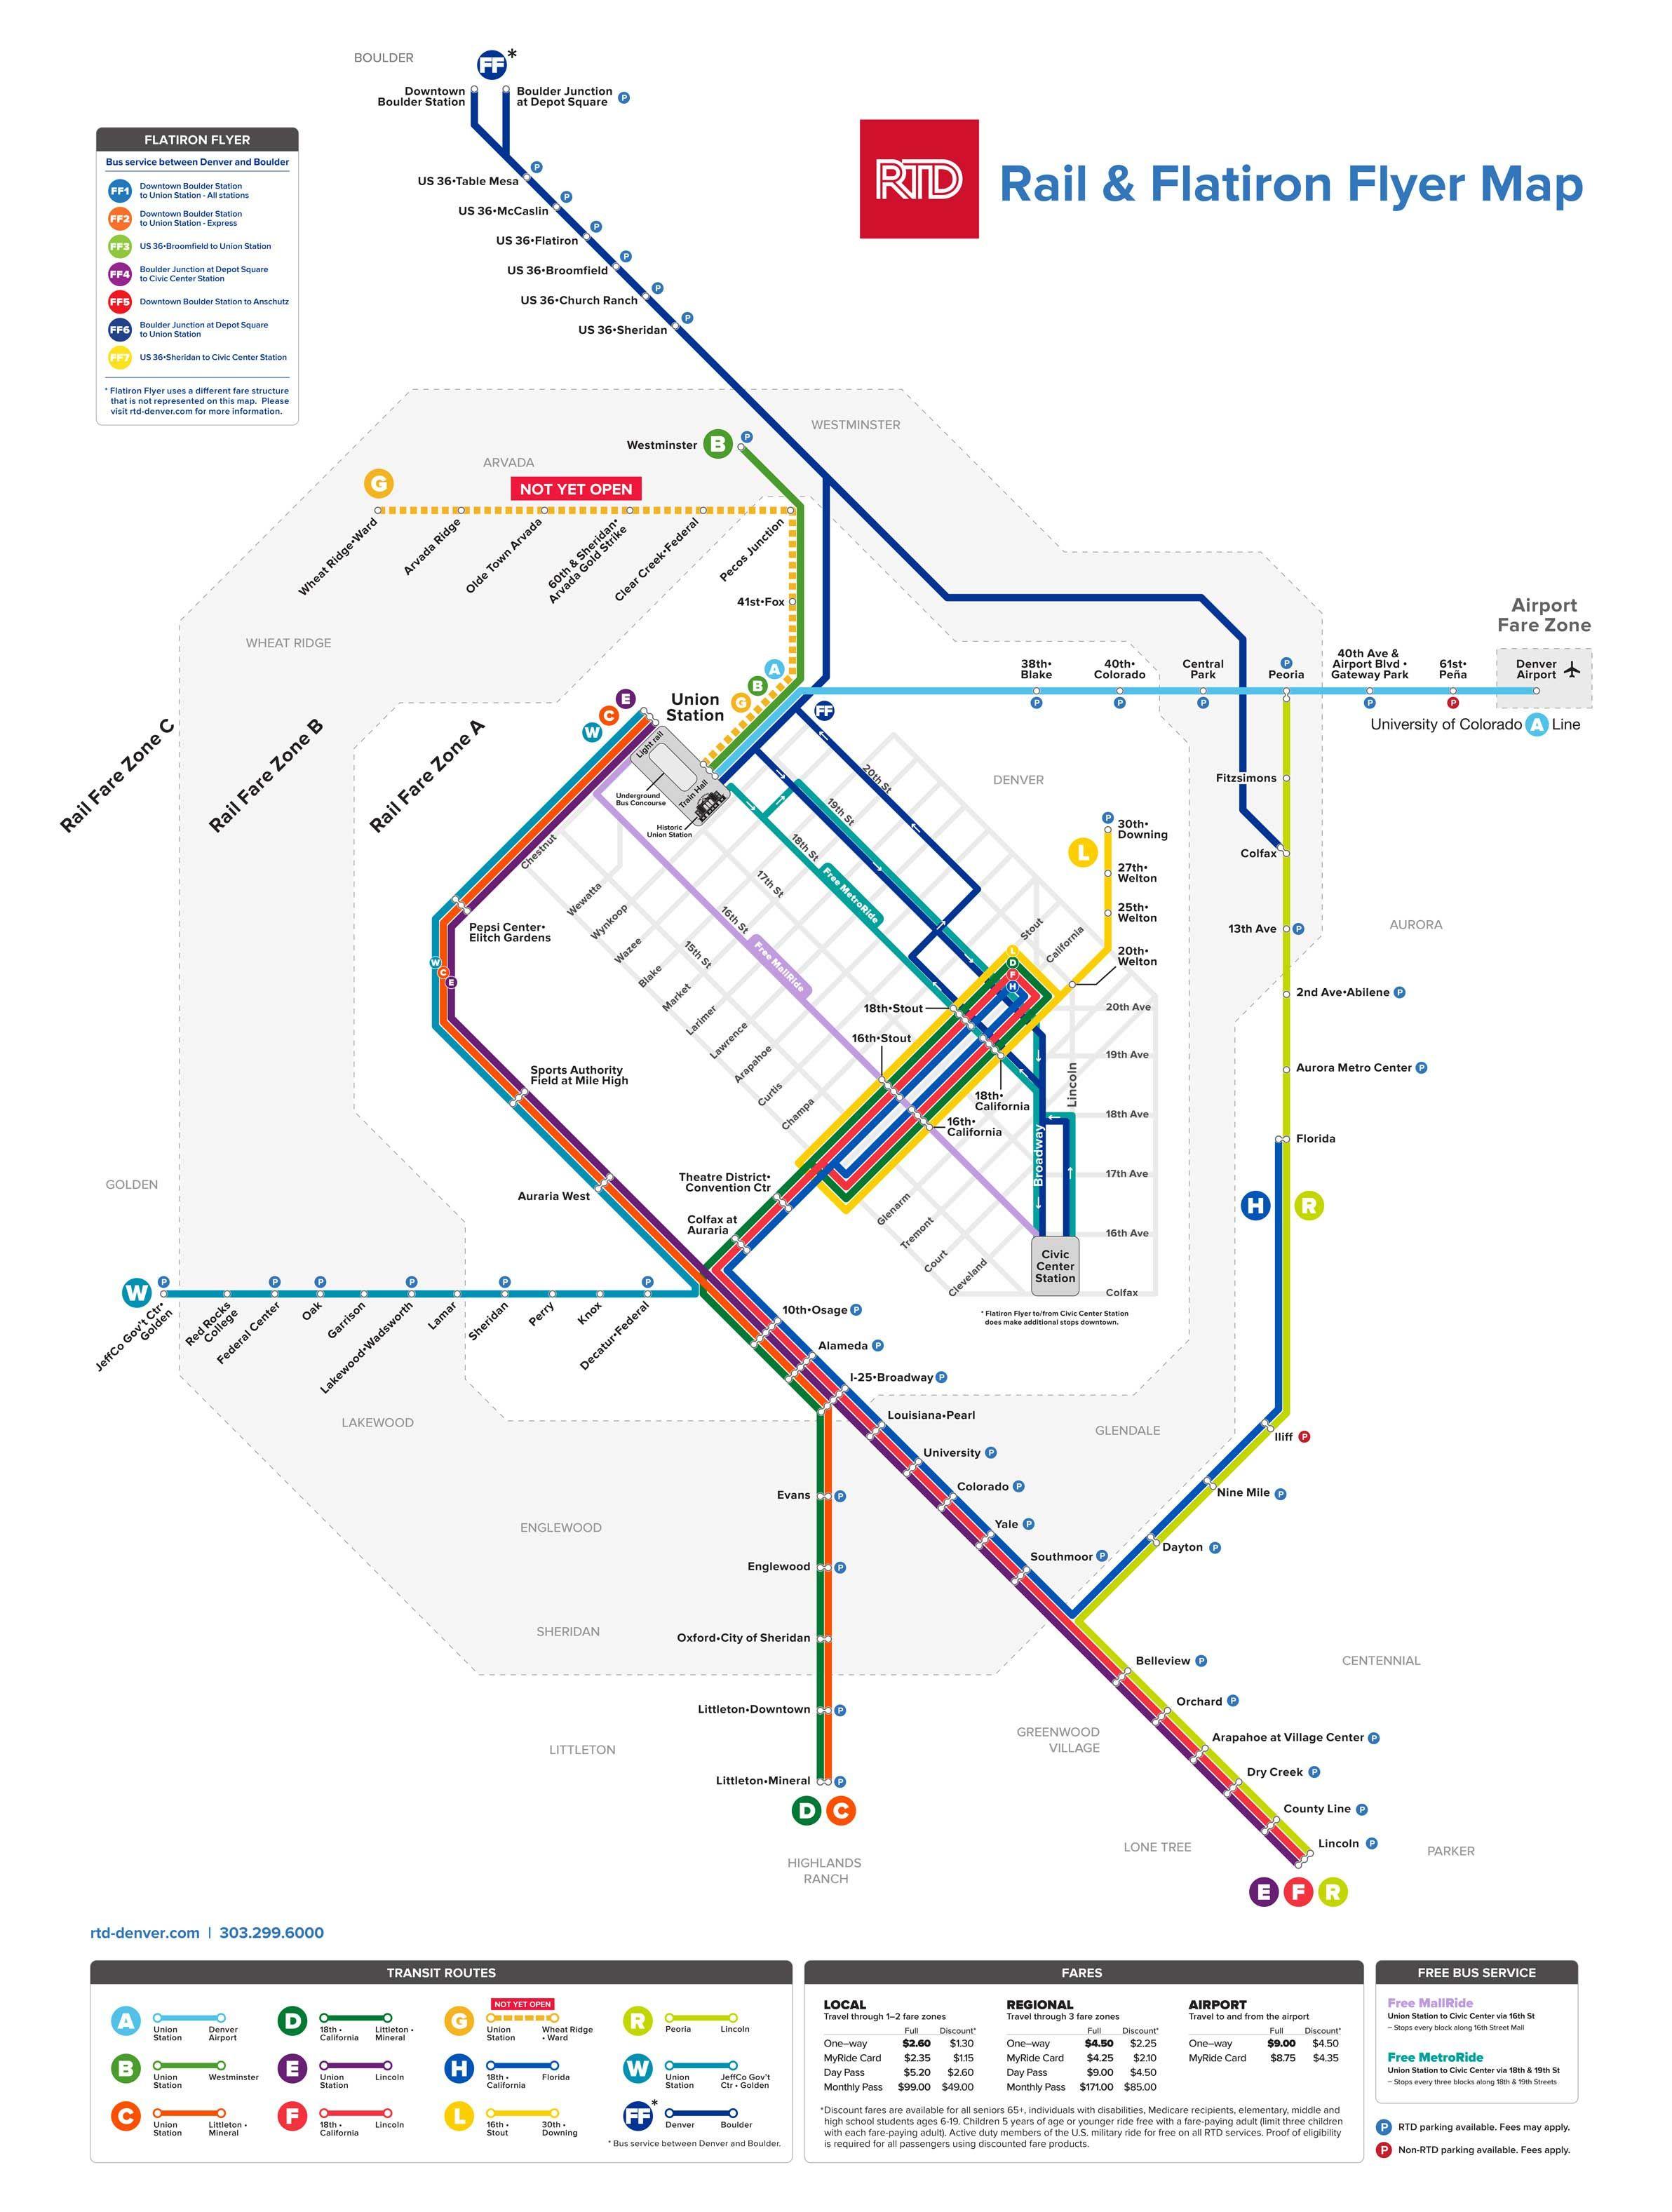 RTD | University of Colorado A Line | Denver in 2019 | Denver travel Denver Airport Hotel Map on